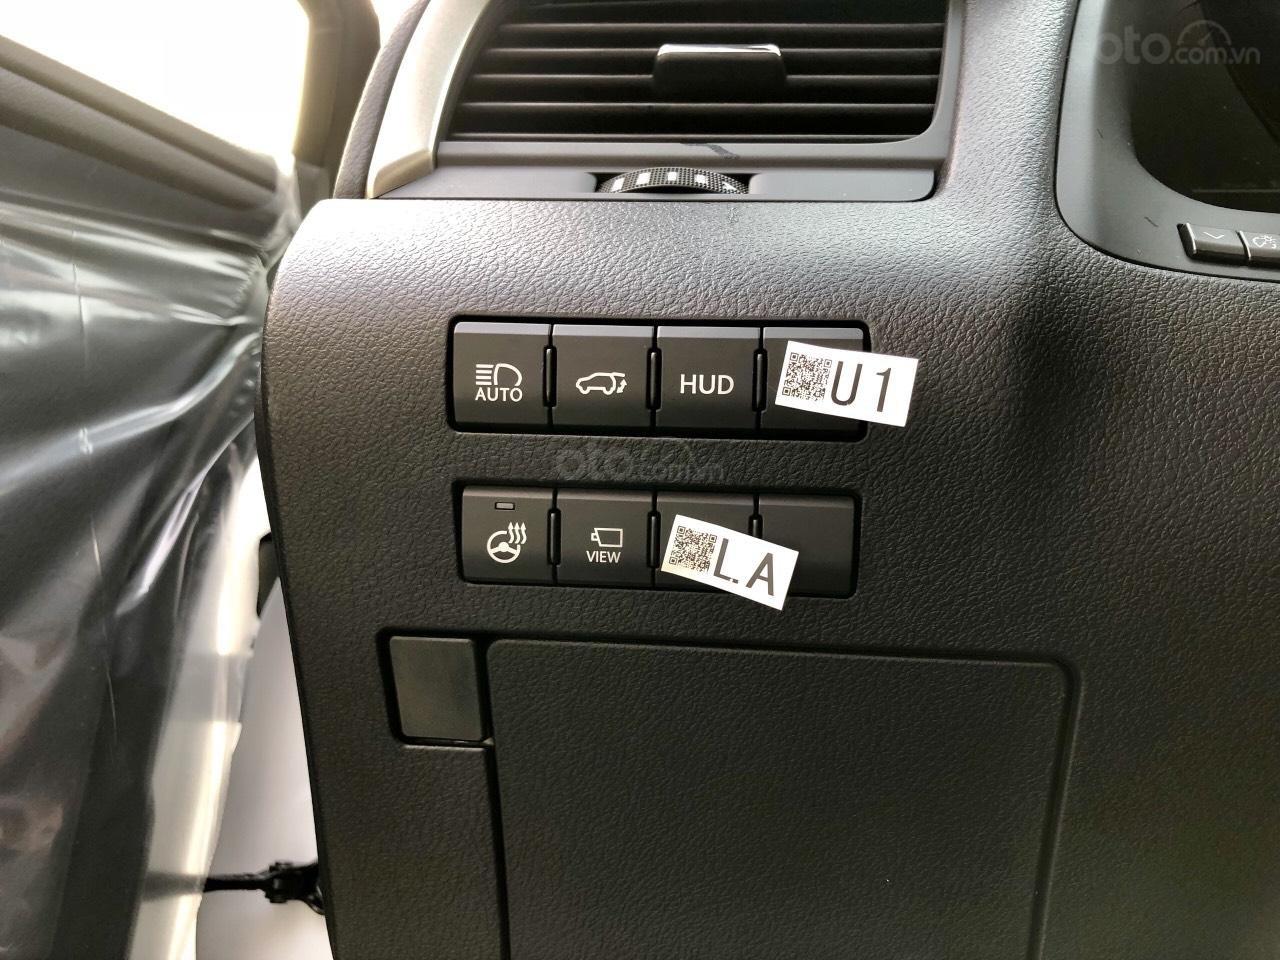 Bán Lexus RX 350 Fsport năm 2020, nhập Mỹ giao ngay toàn quốc, giá tốt, LH Ms Hương 094.539.2468 (16)